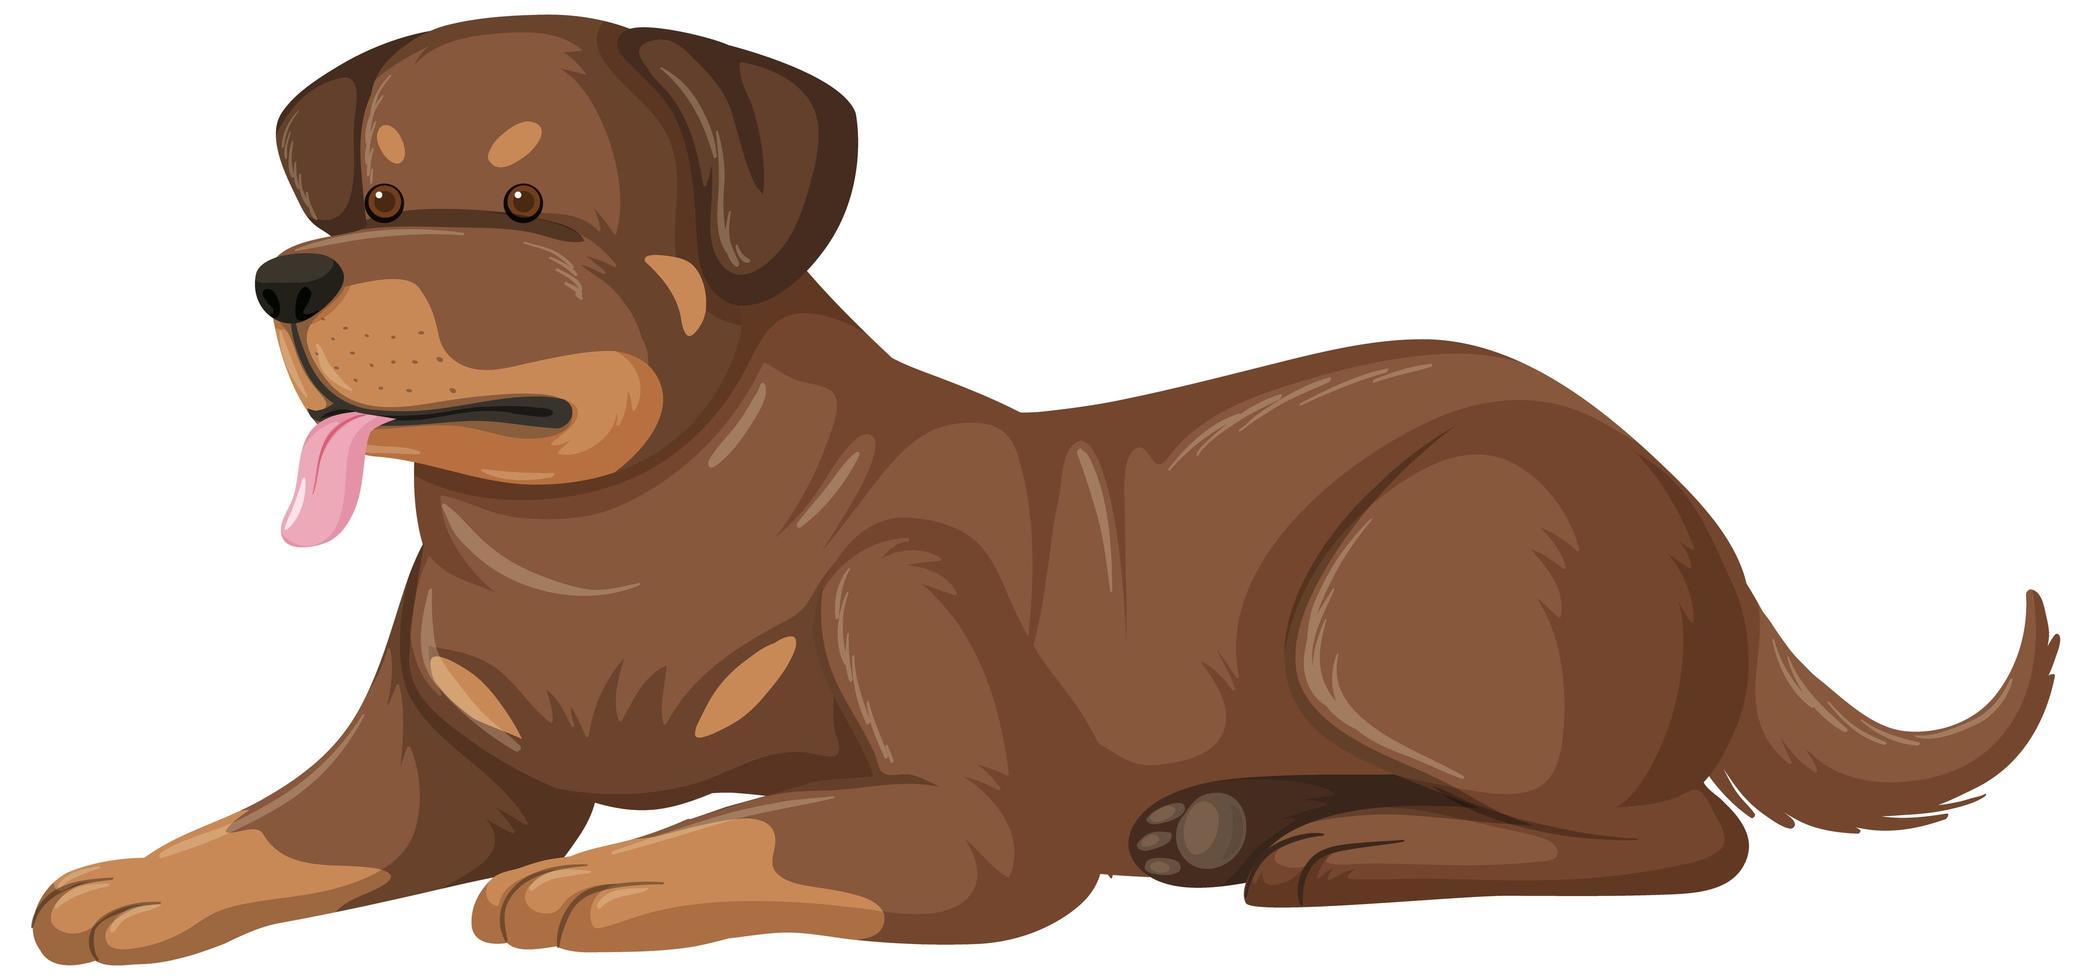 stile cartone animato rottweiler su sfondo bianco vettore